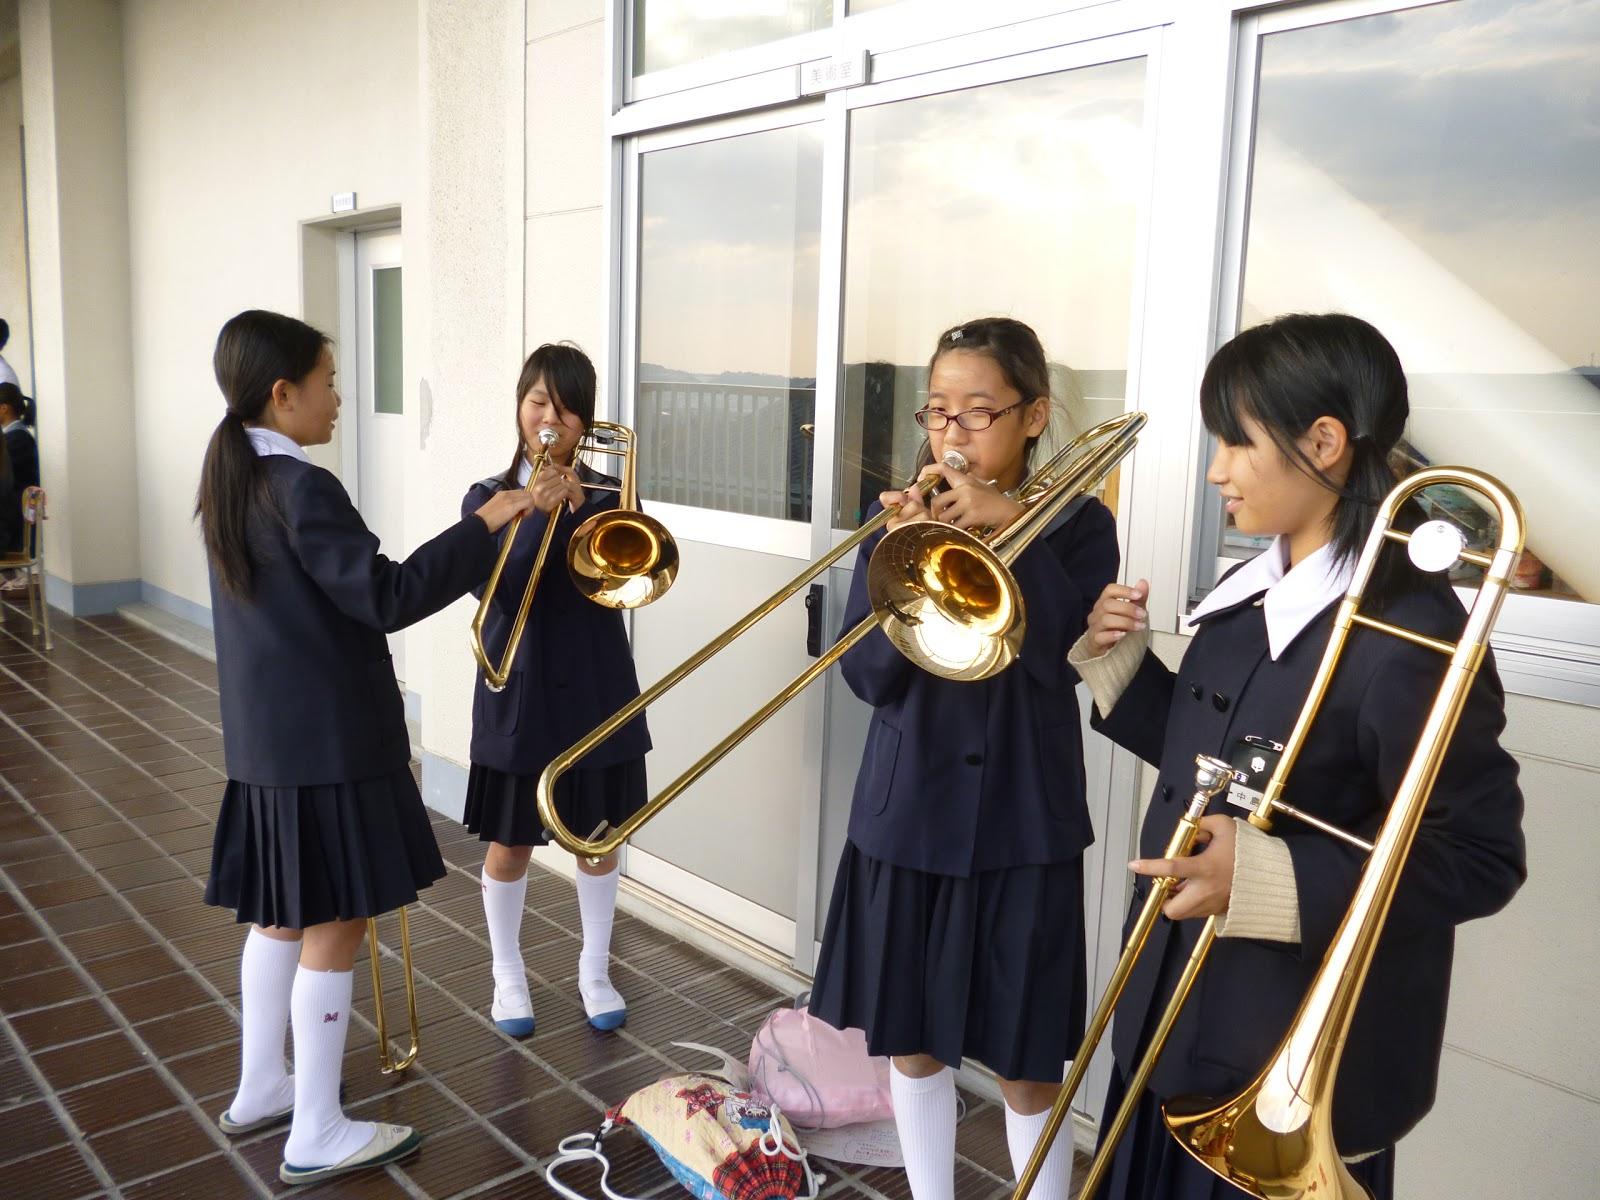 はやしま一貫教育ブログ: 早島中学校オープンスクール はやしま一貫教育ブログ 2012年11月7